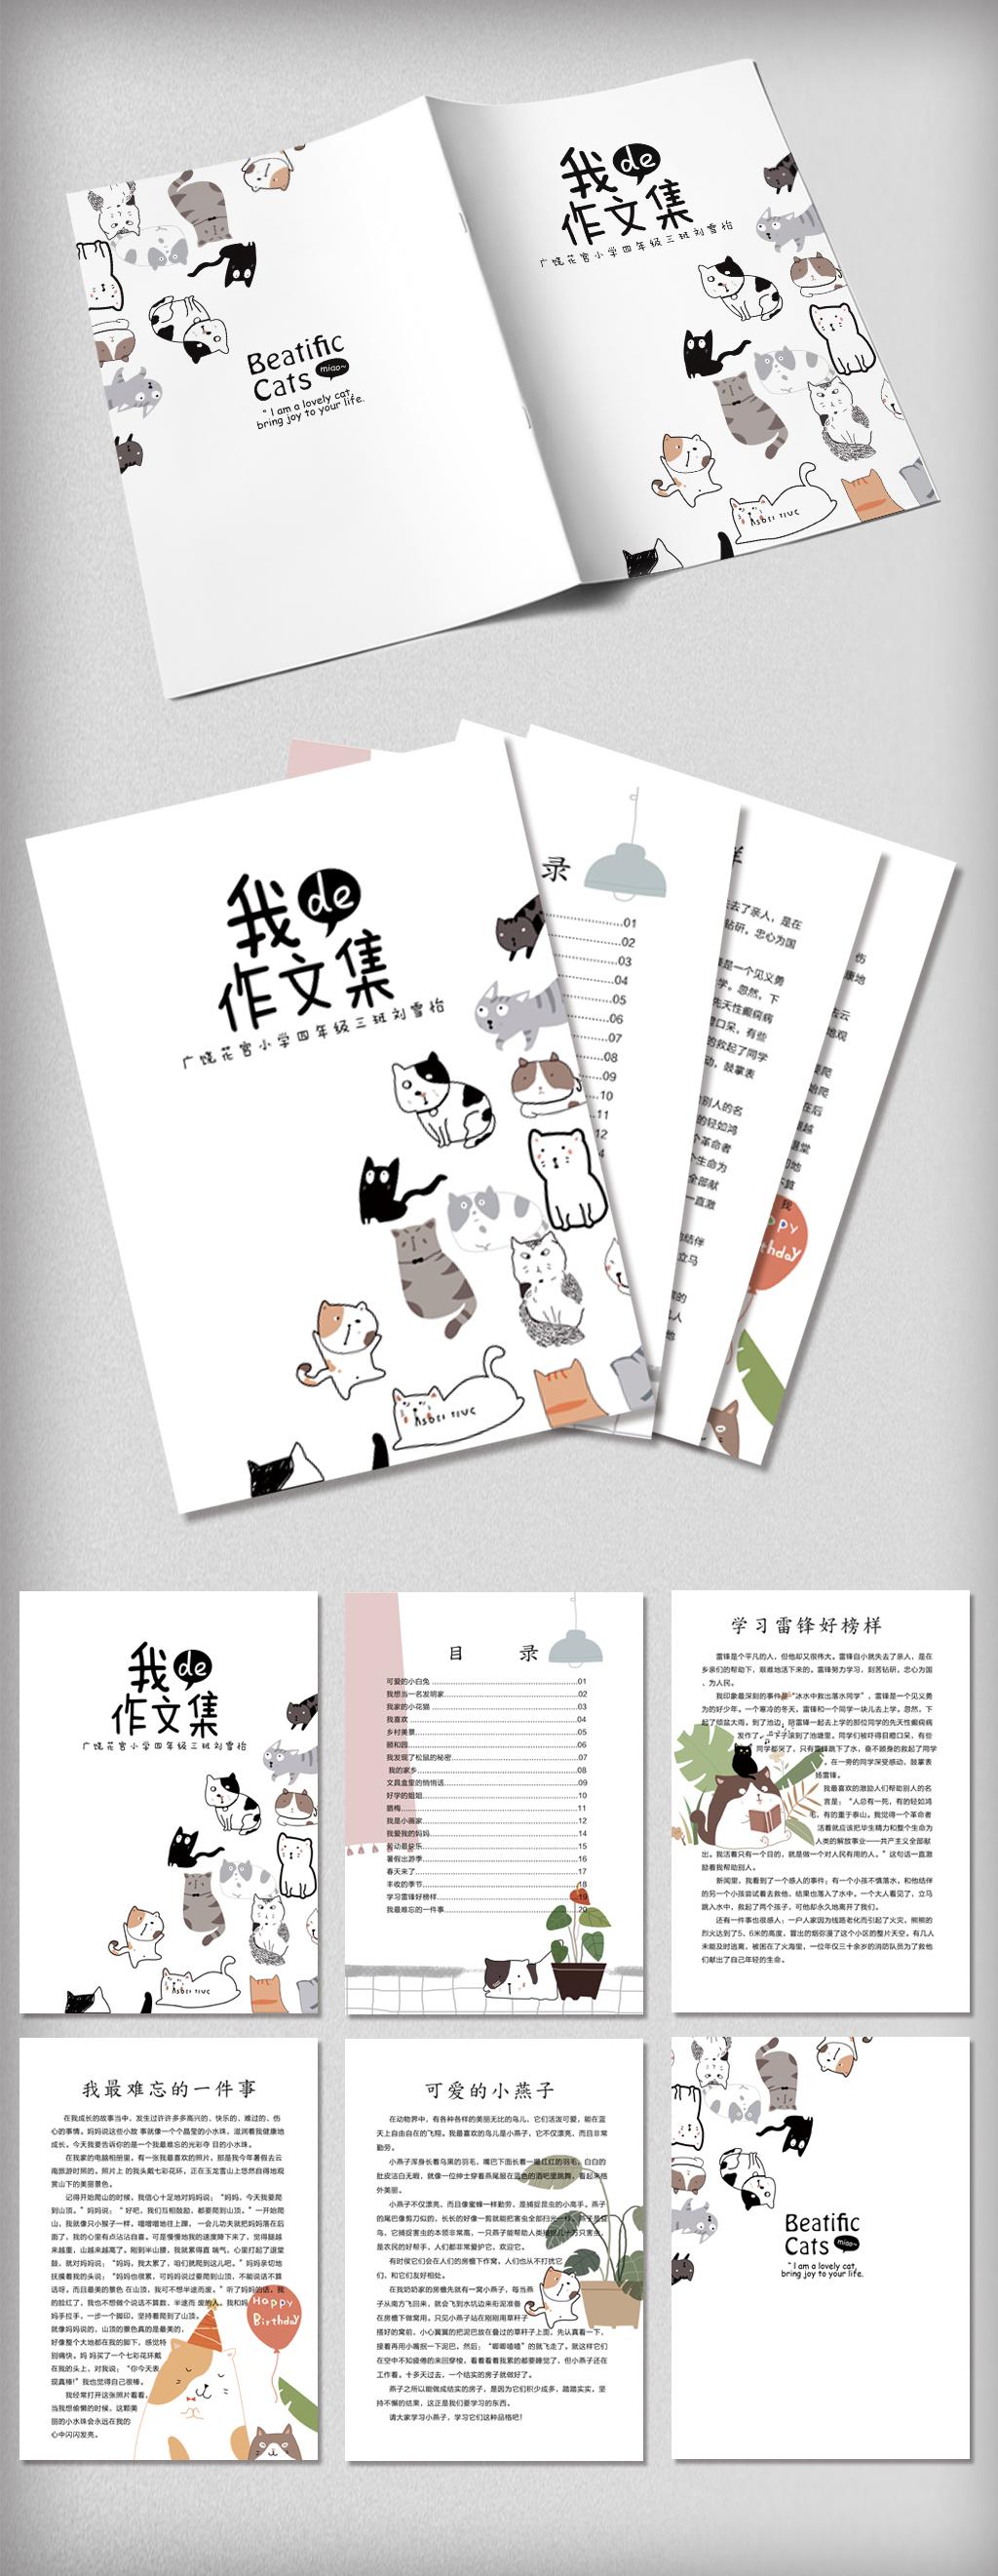 手抄报|小报 其他 其他 > 手绘卡通猫咪世界中小学生作文集免费模板